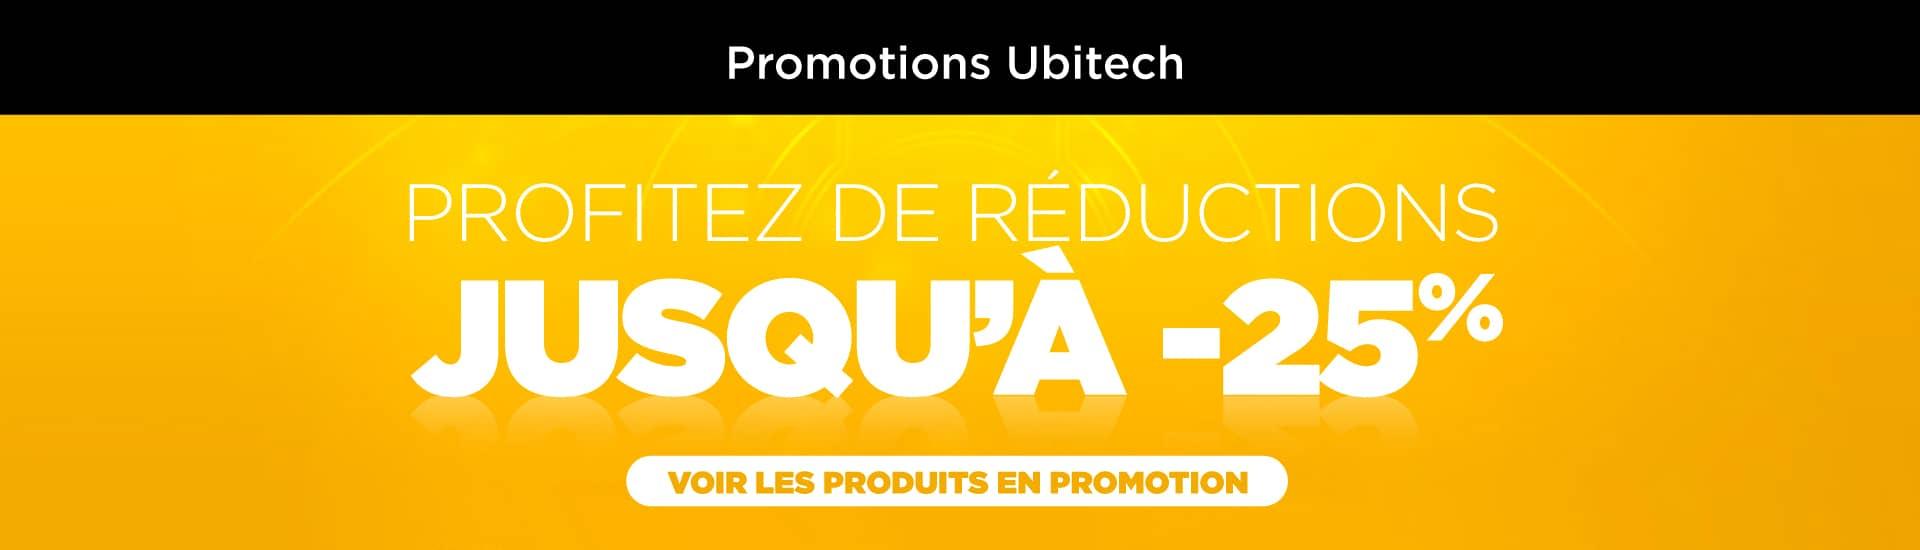 Promotions Ubitech